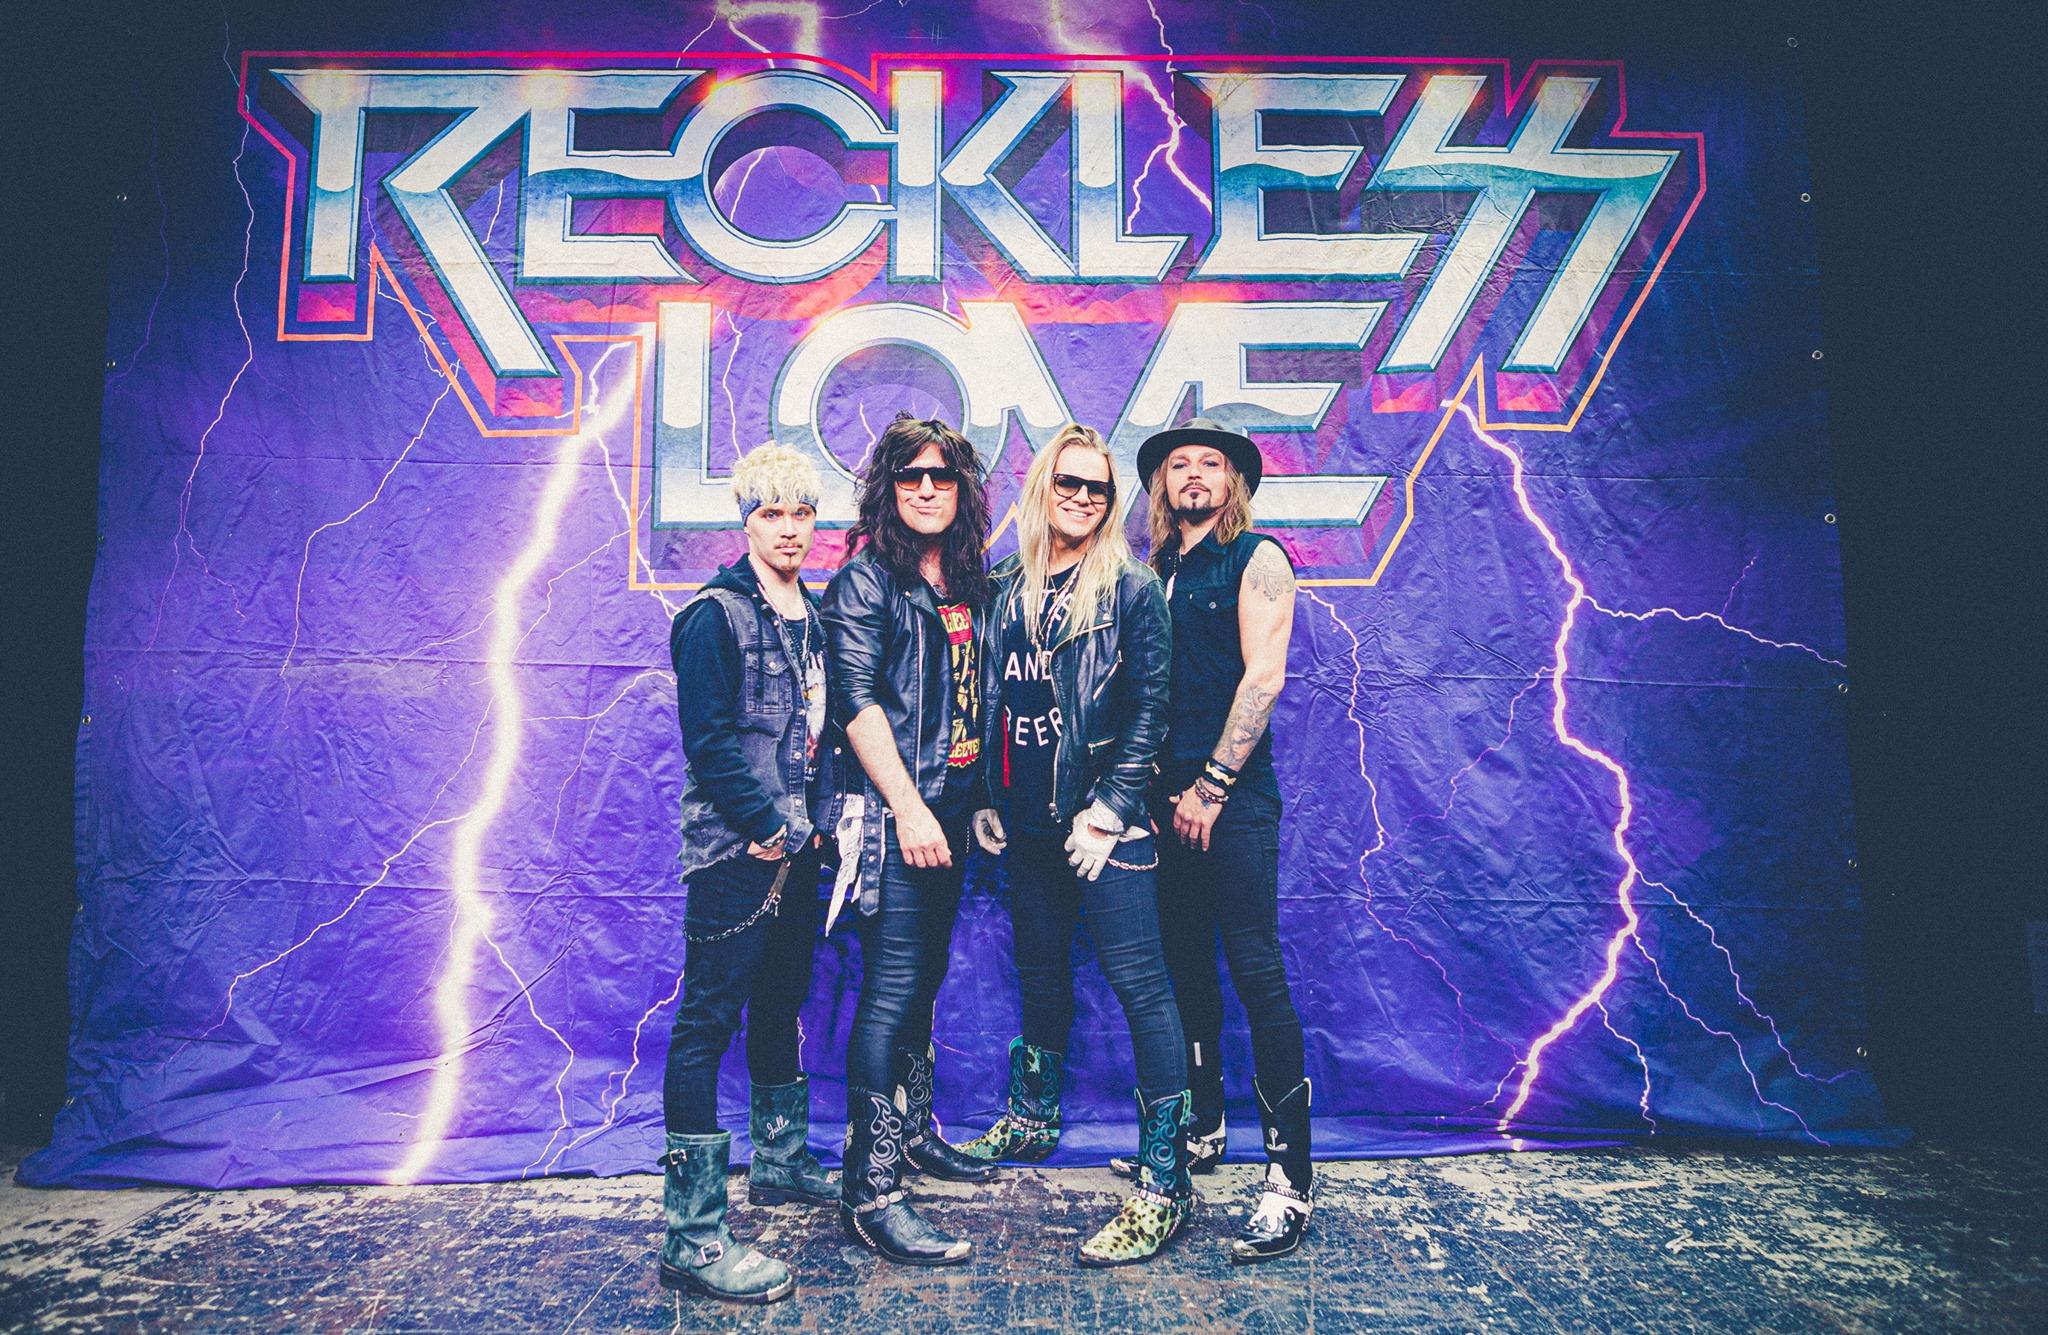 Reckless Love am 23. March 2021 @ Szene Wien.